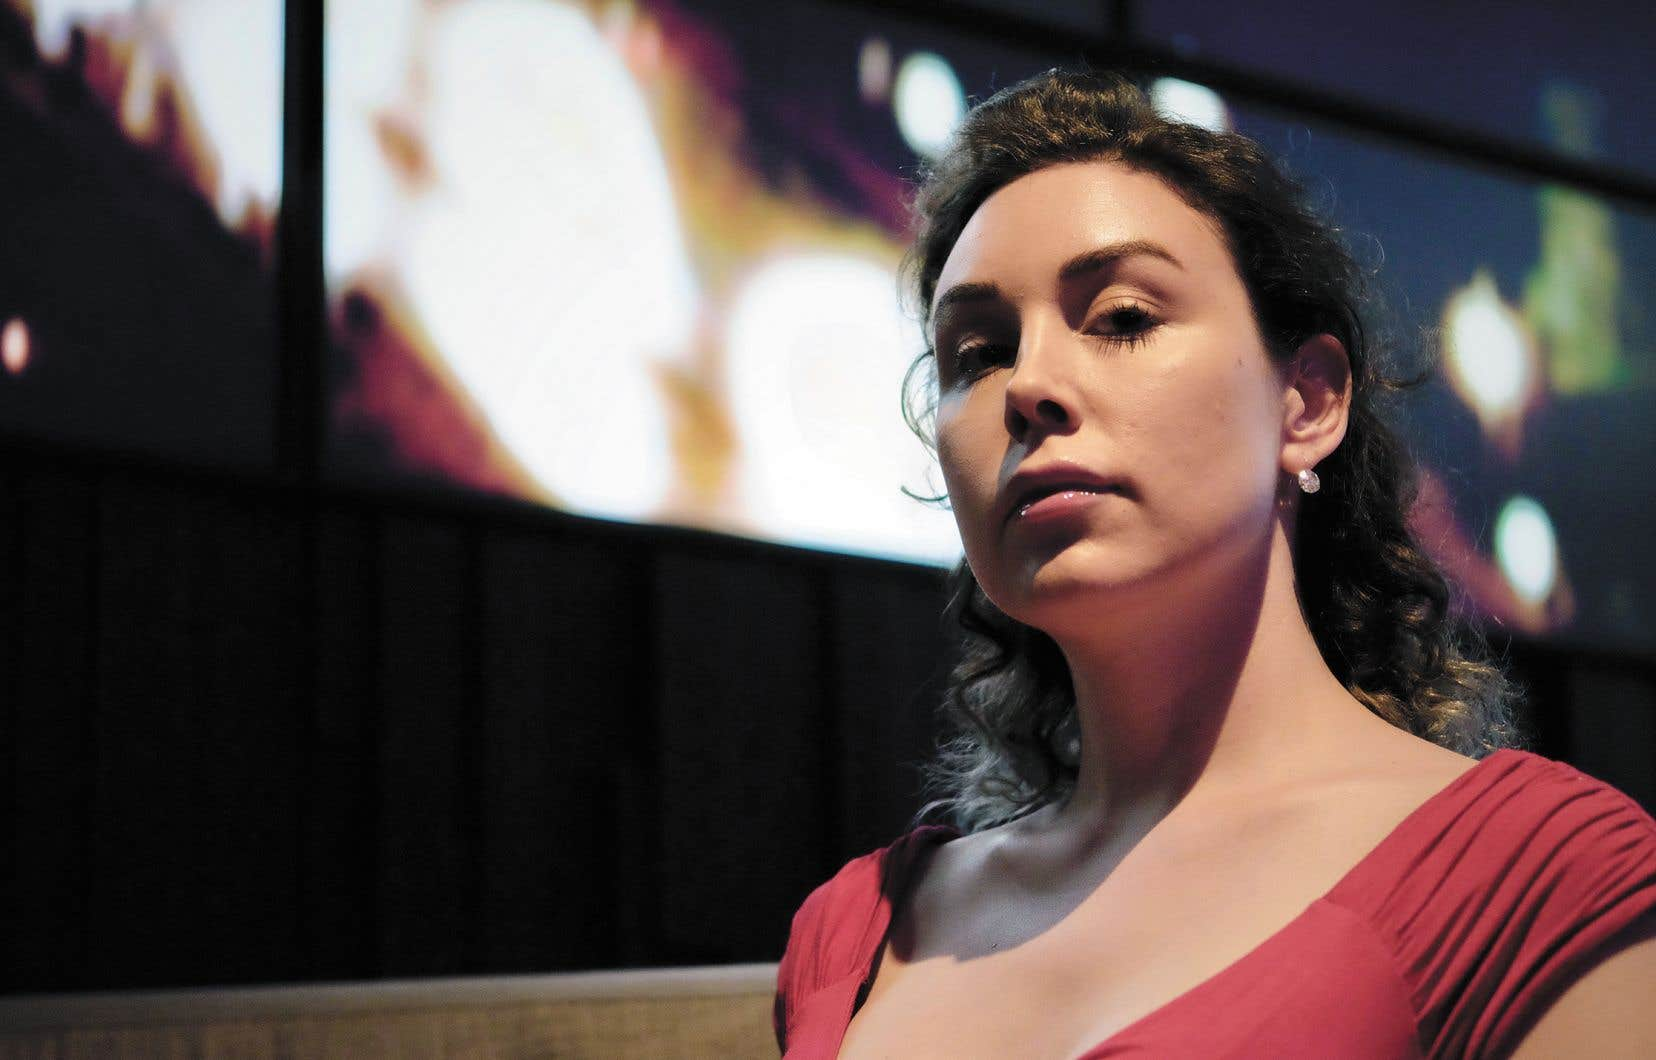 La performeuse Pascale Drevillon croit qu'on est arrivés à un point de notre histoire où la «destinée biologique» de l'espèce humaine est moins urgente.